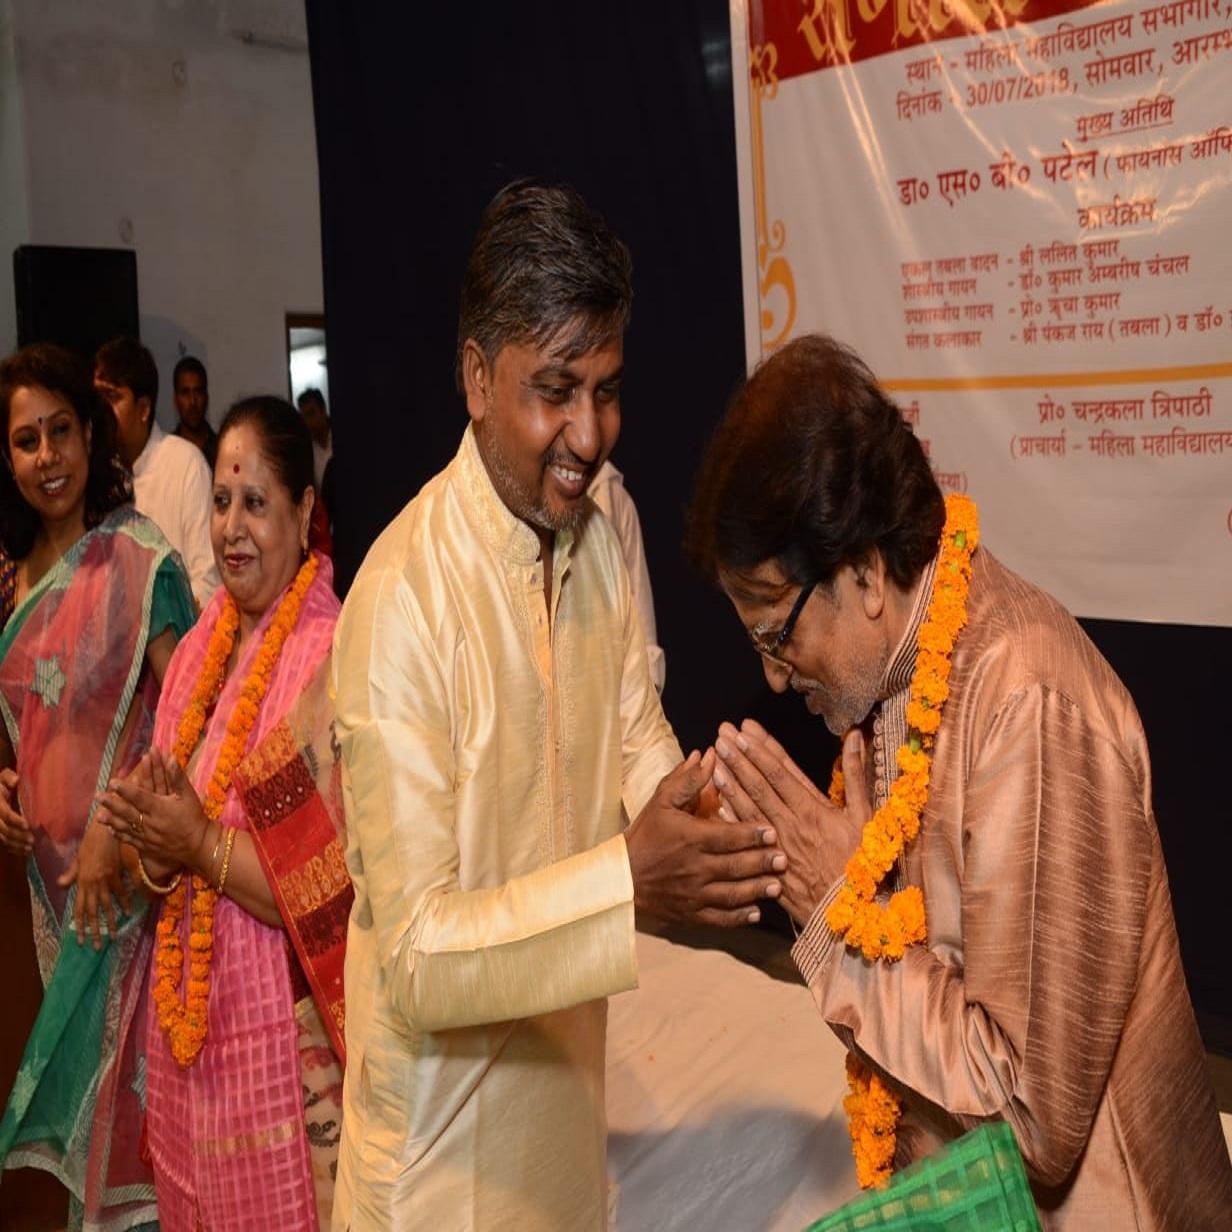 Dr. R.K. Yadav